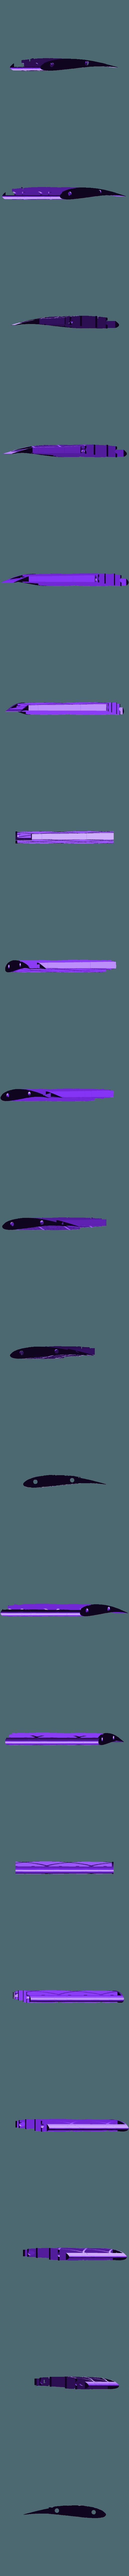 Wing_5L_Scaled.stl Télécharger fichier STL gratuit Module HF3D : Plan imprimé 3D • Modèle pour imprimante 3D, FurEter